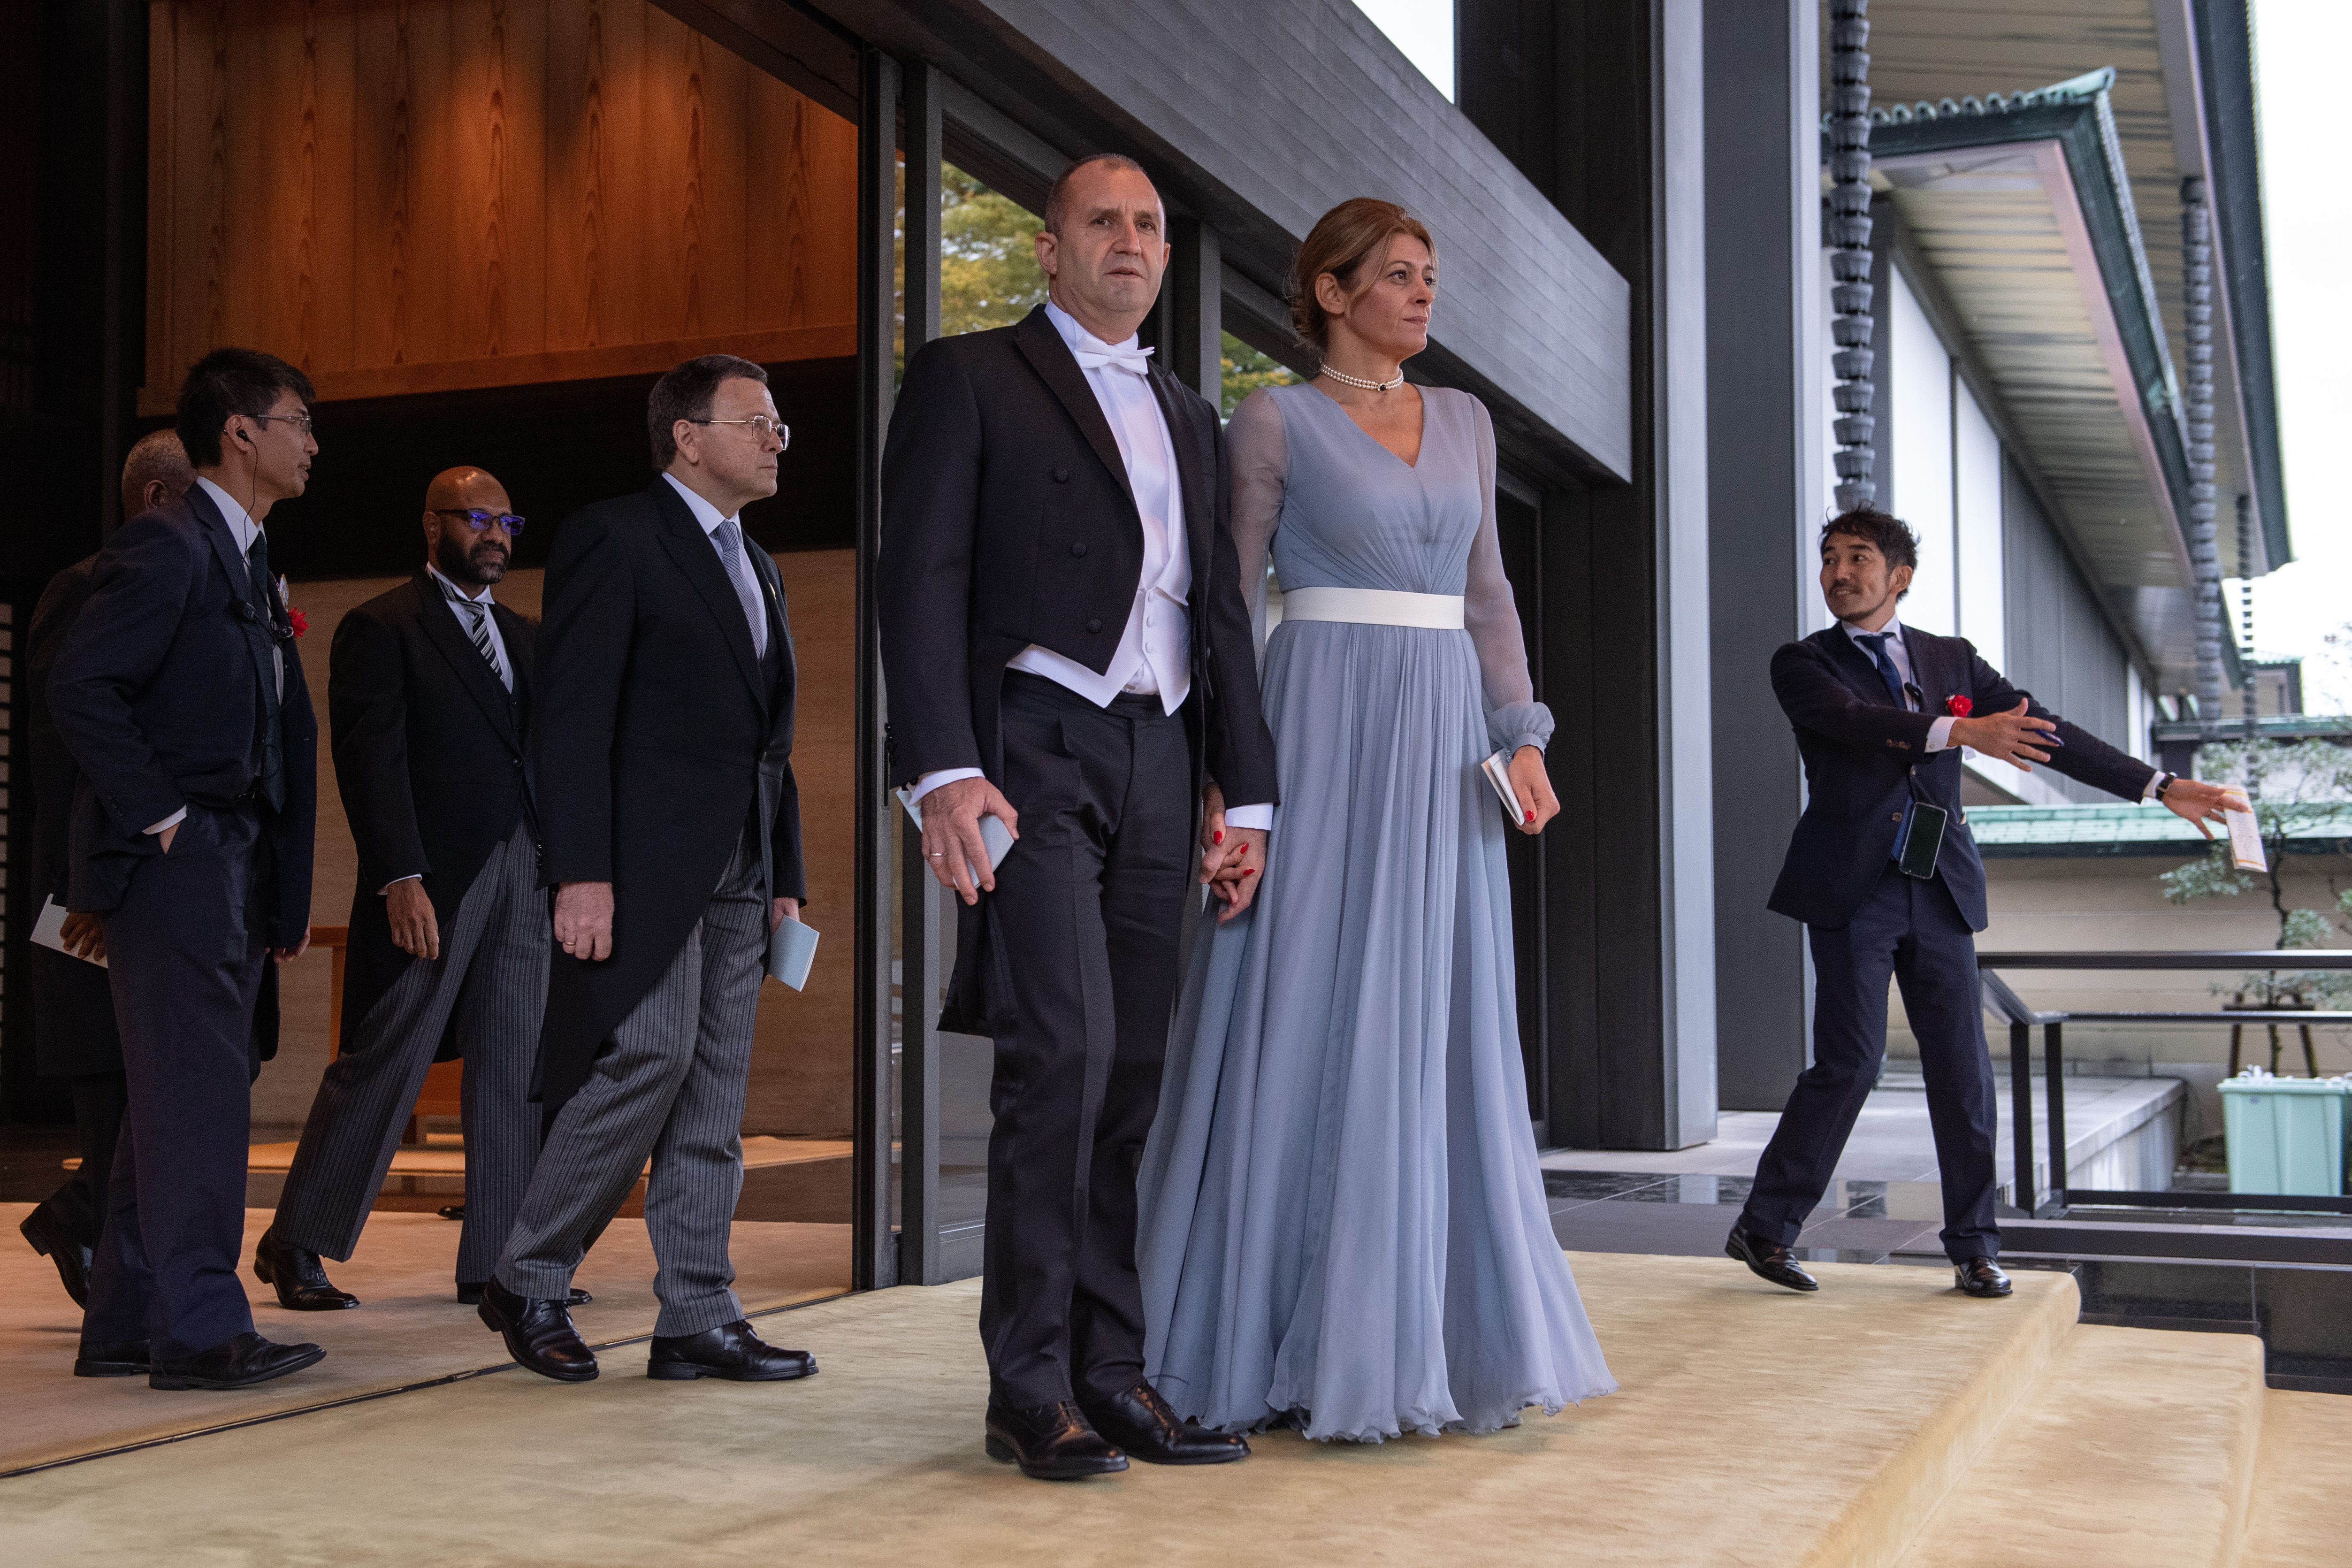 El presidente de Bulgaria, Rumen Radev (centro) y su esposa Desislava Radeva se van después de la ceremonia de entronización del emperador japonés Naruhito en el Palacio Imperial (AFP)